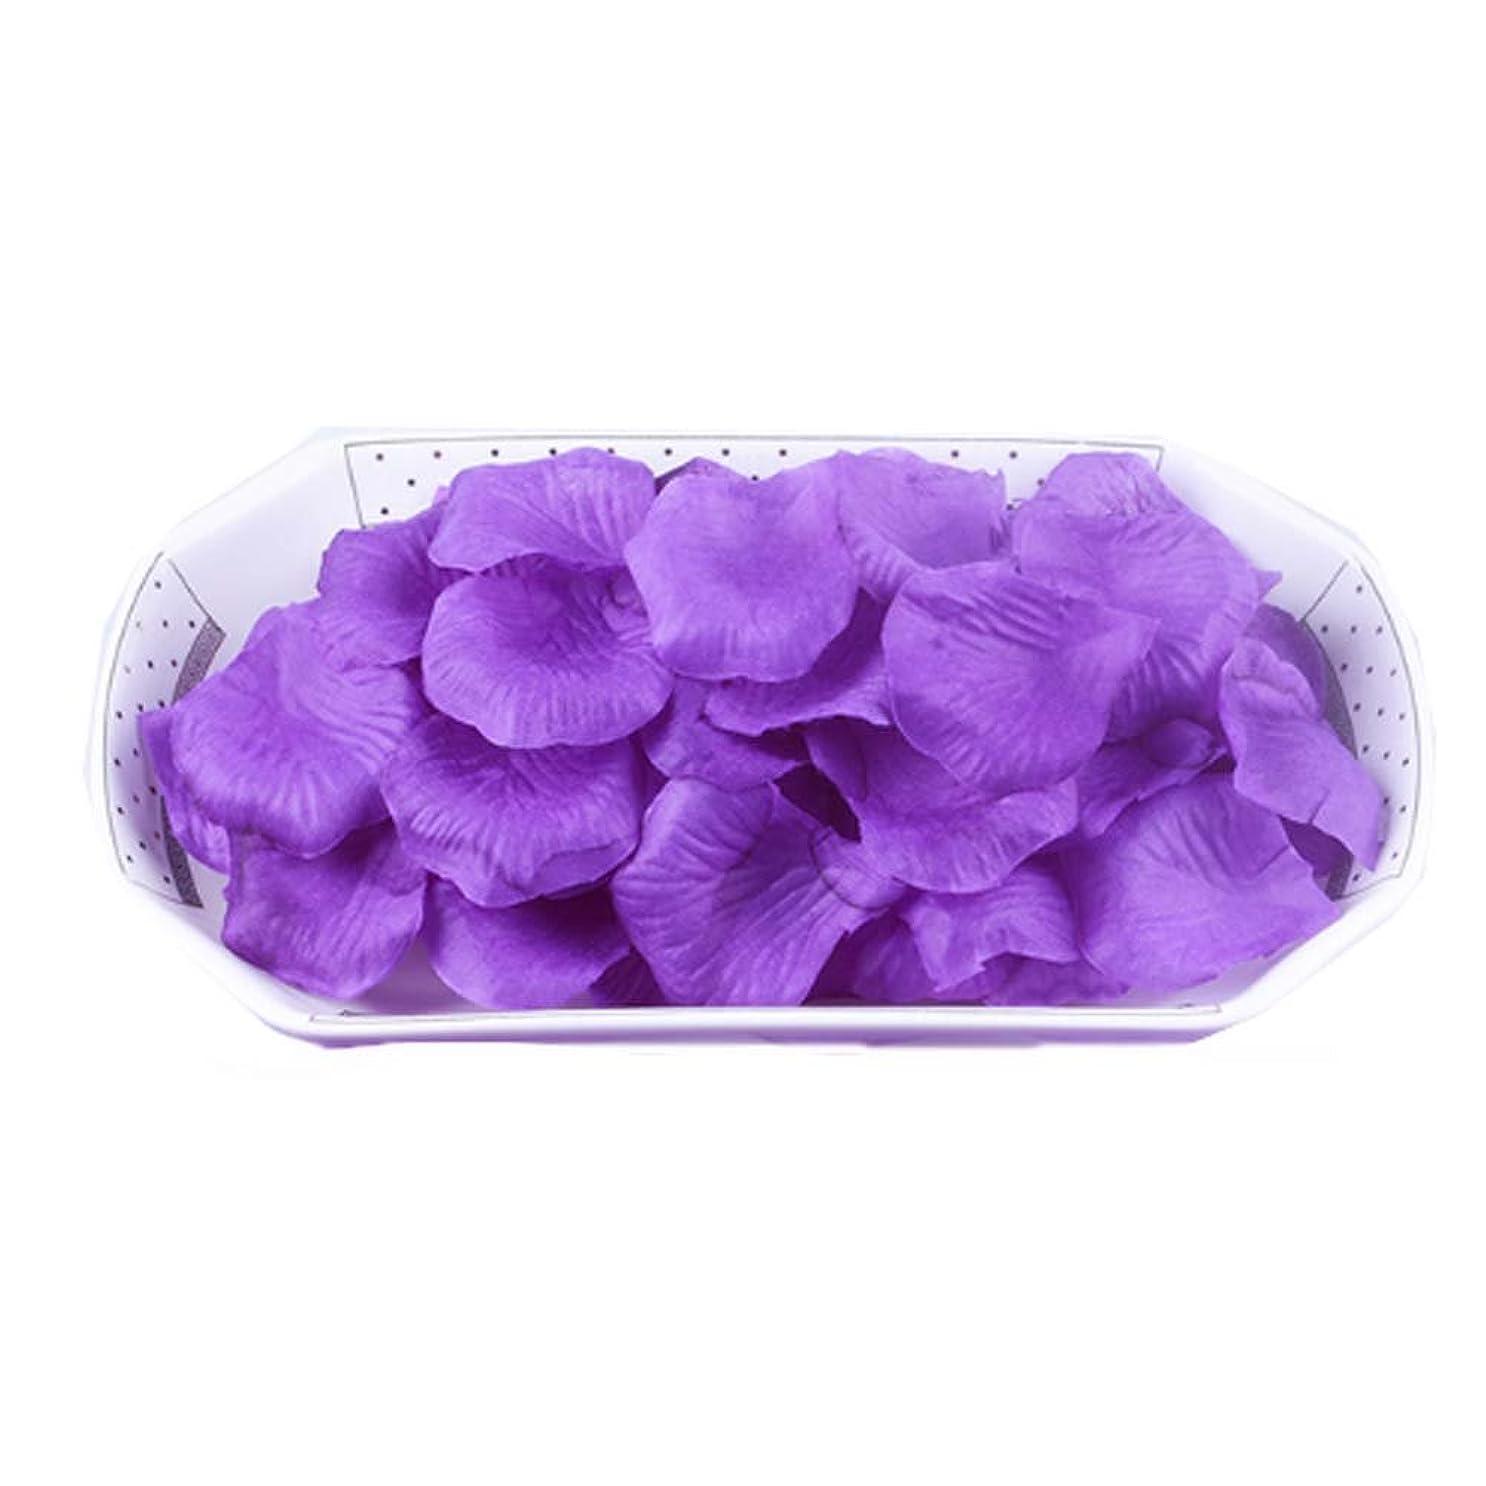 ジャズキャッシュ劇場結婚式の装飾のための人工花の花びら紫2000 PC